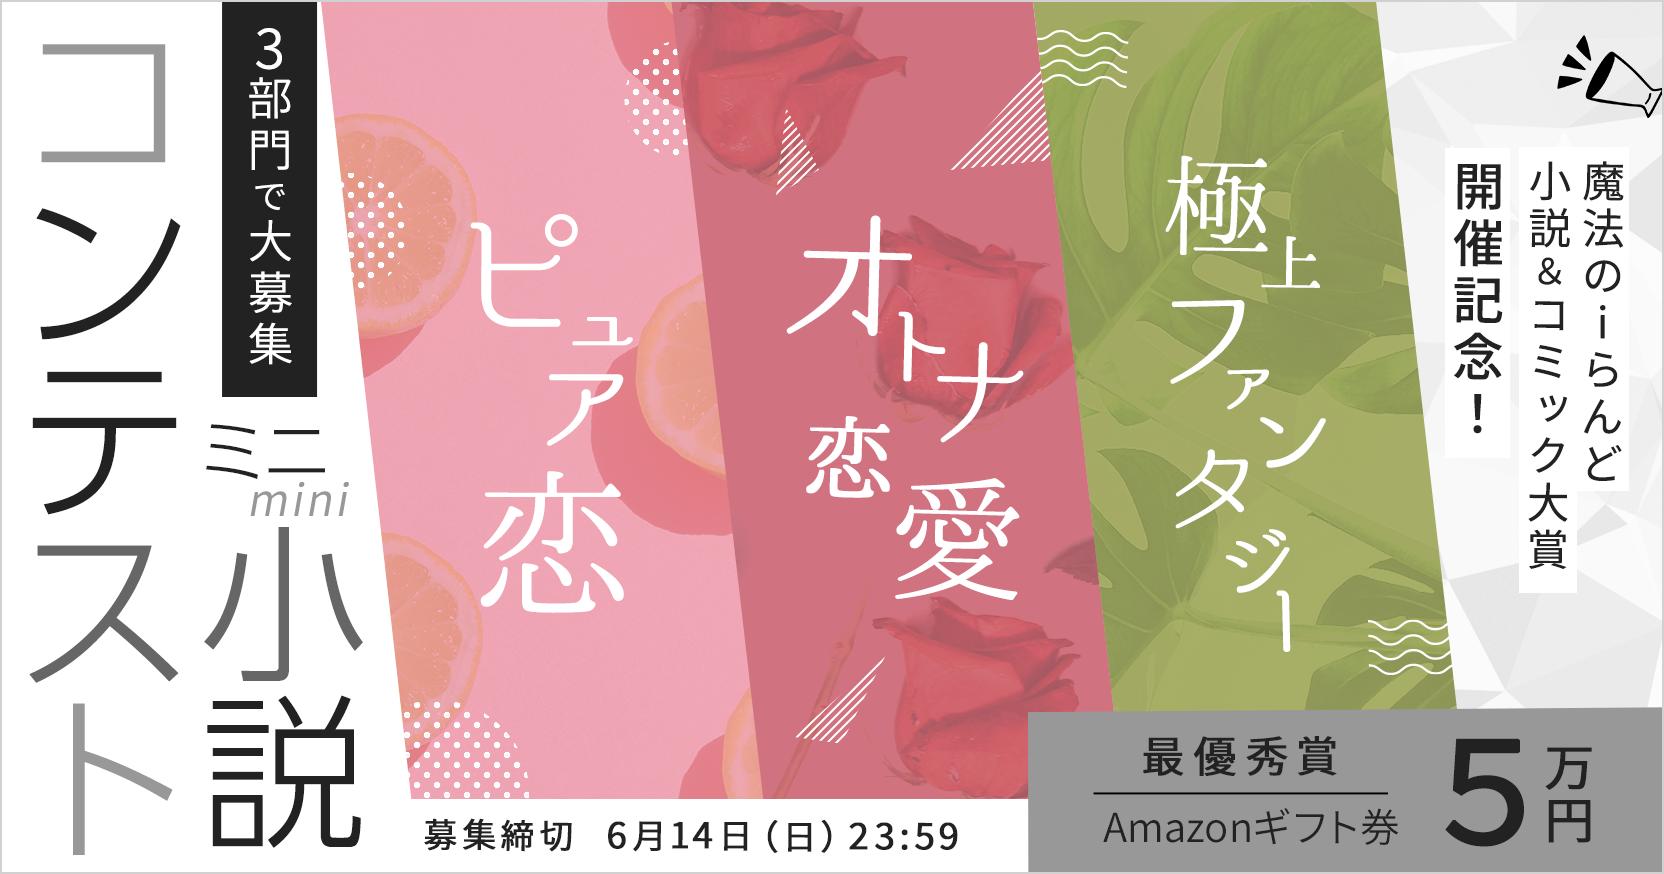 ピュア恋&オトナ恋愛&極上ファンタジーミニ小説コンテスト